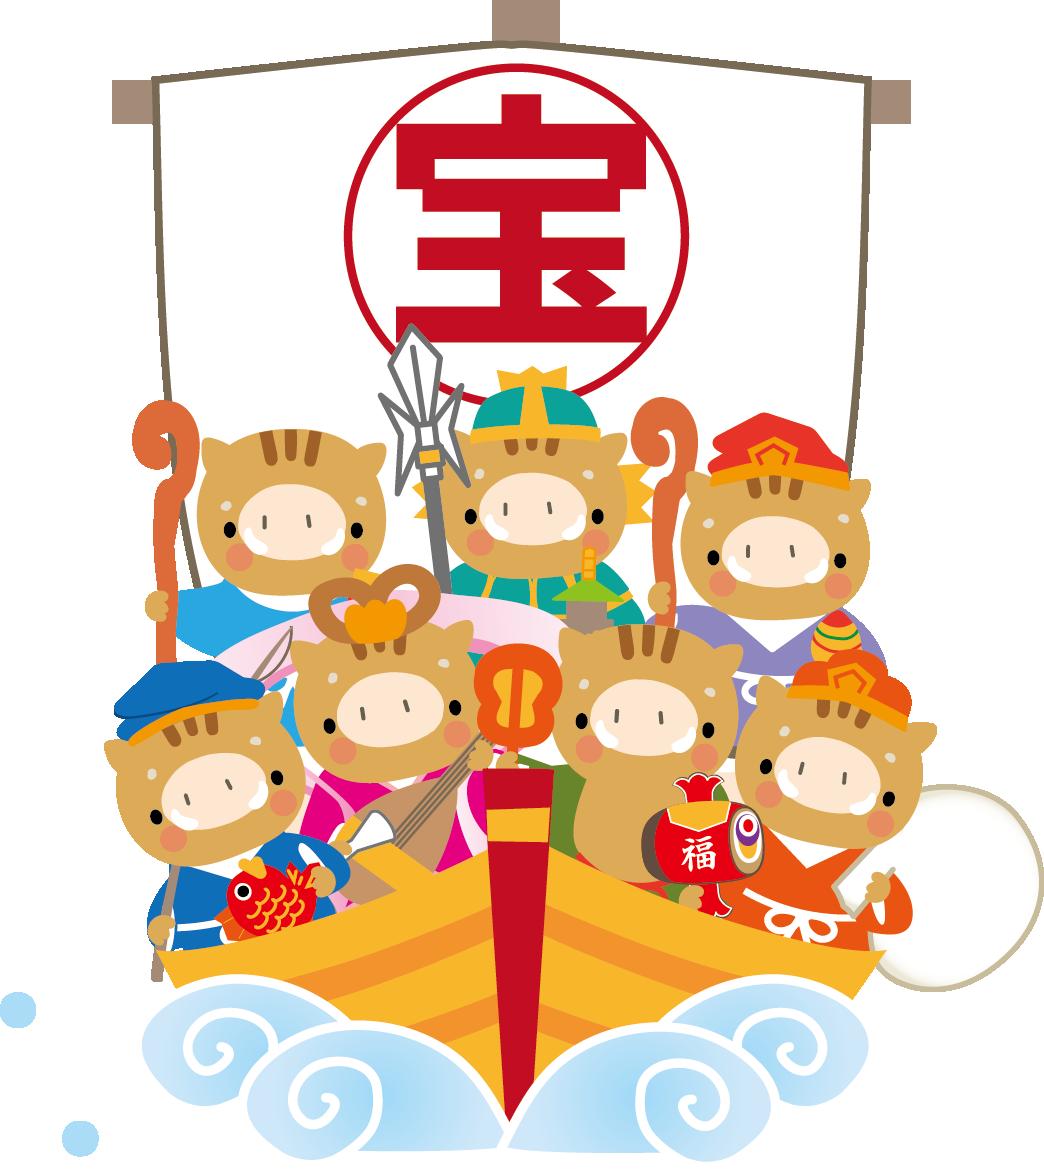 年賀状2019無料イラスト・猪の宝船と七福神